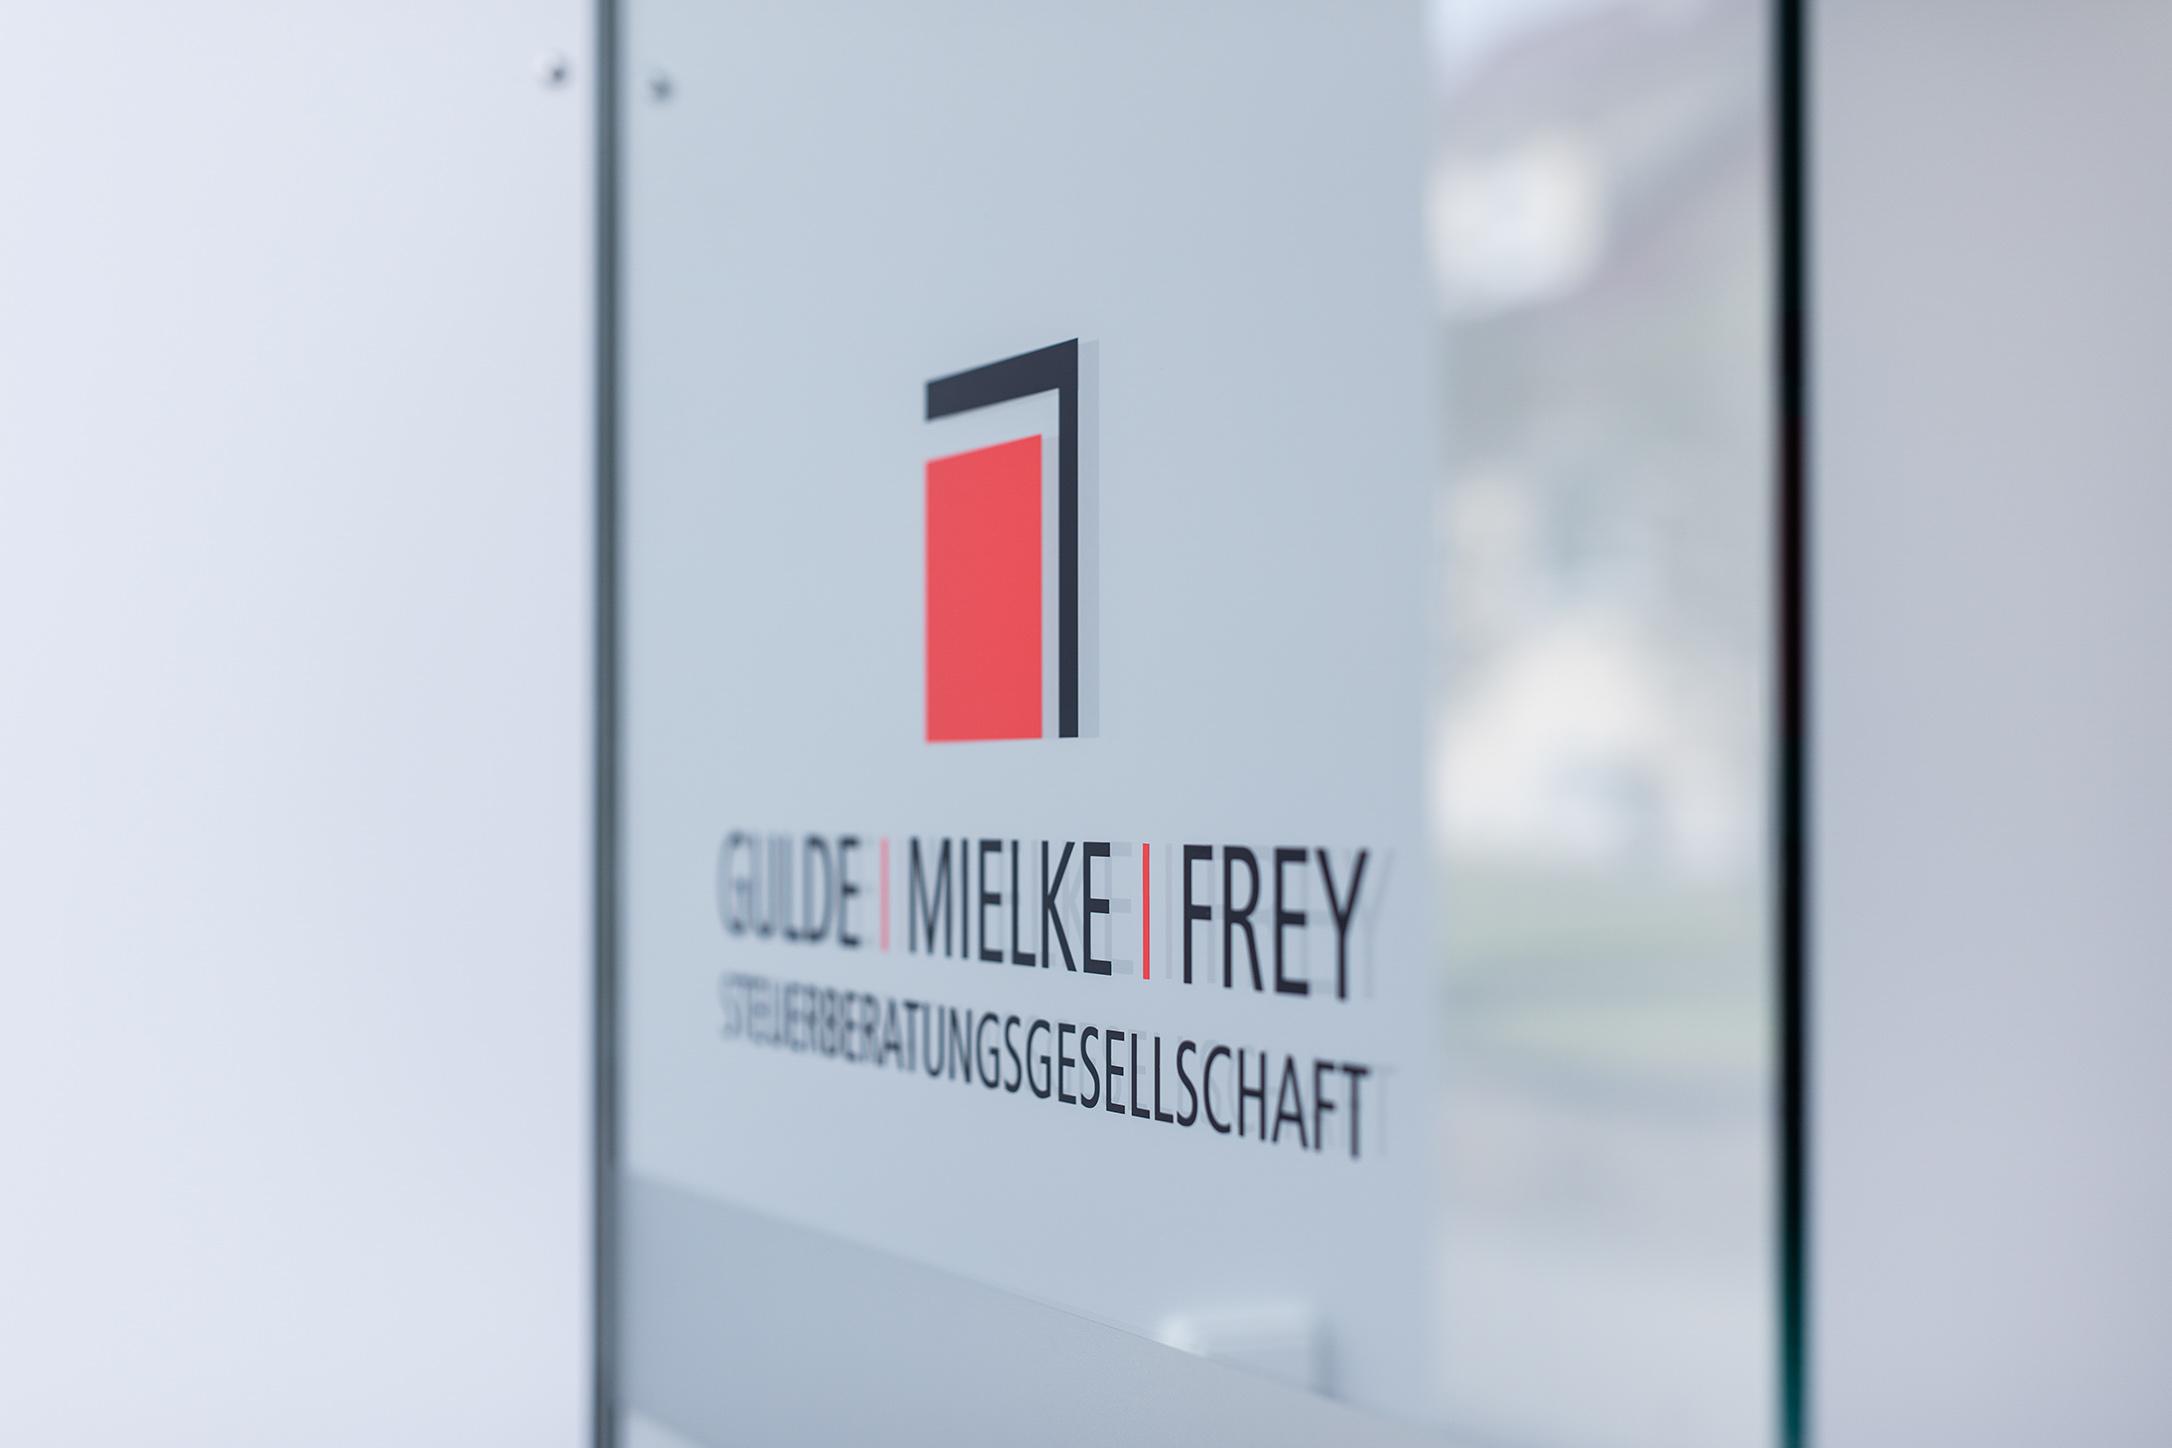 Gulde Mielke Frey Kanzlei Geislingen 2